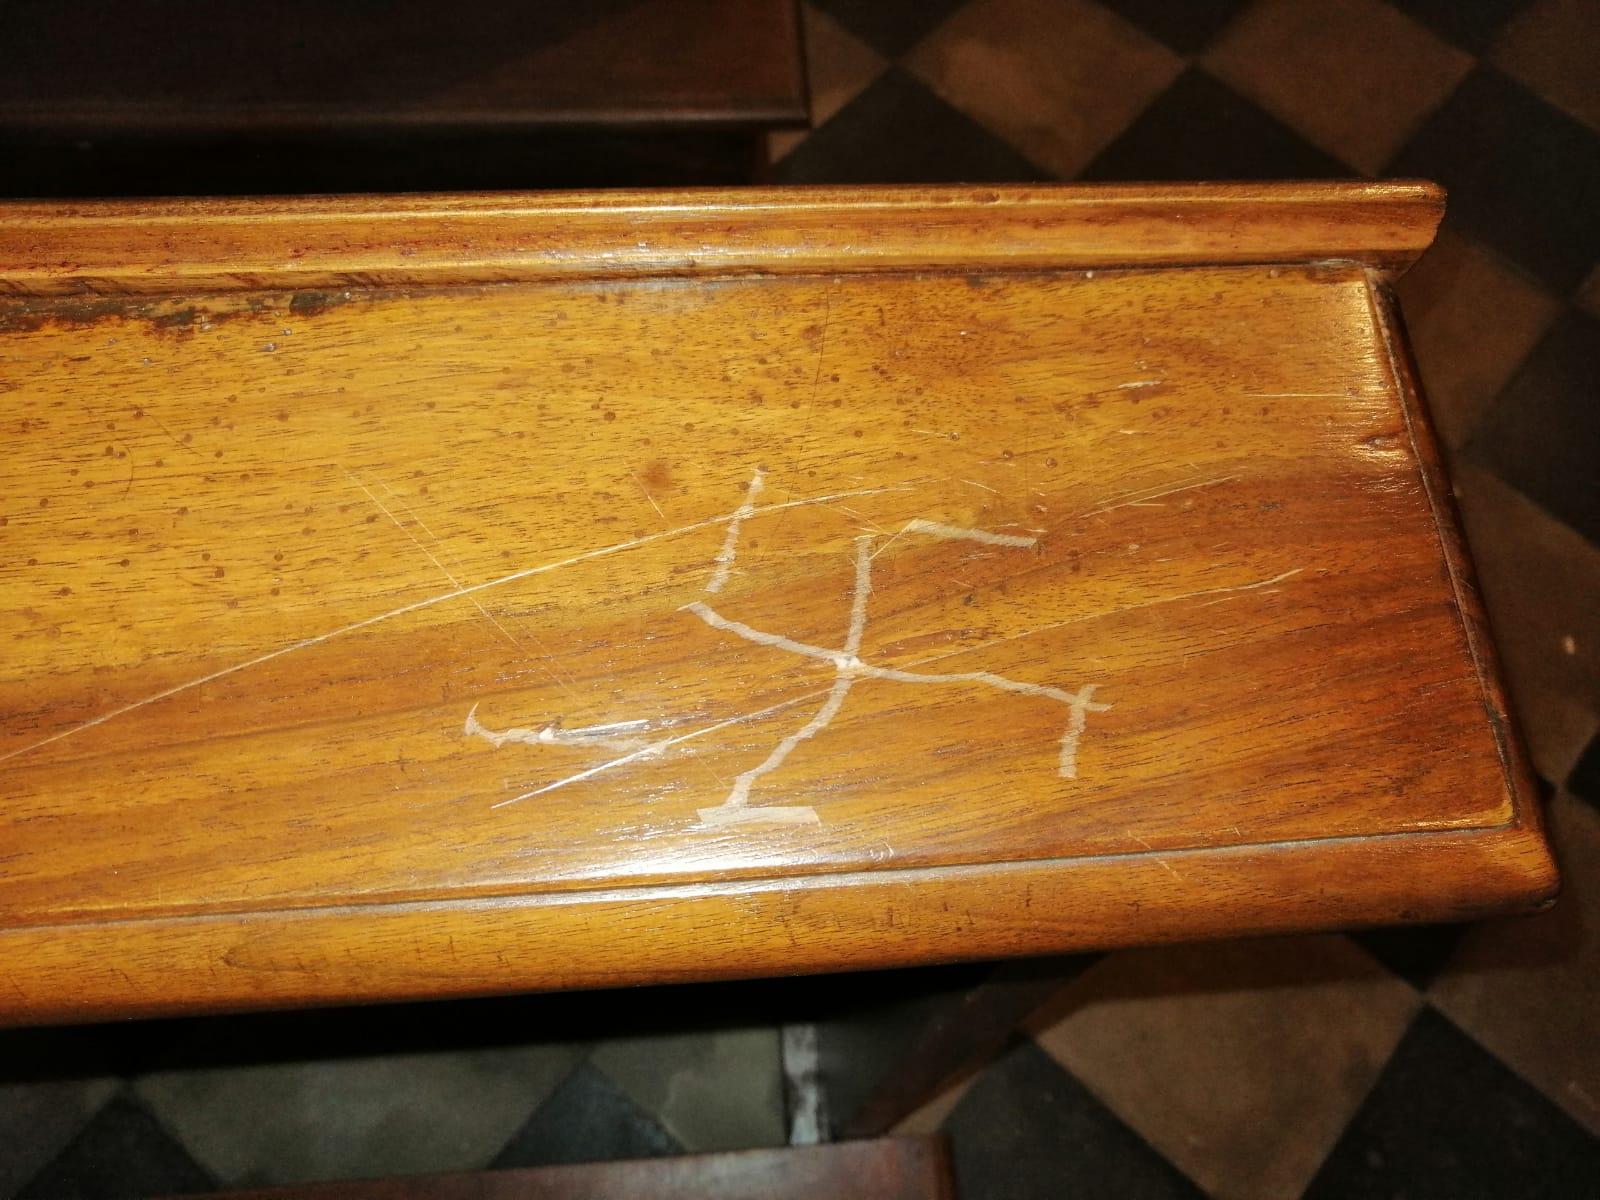 CARMAGNOLA – Sfregi alla chiesa di Casanova: numeri satanici e svastiche